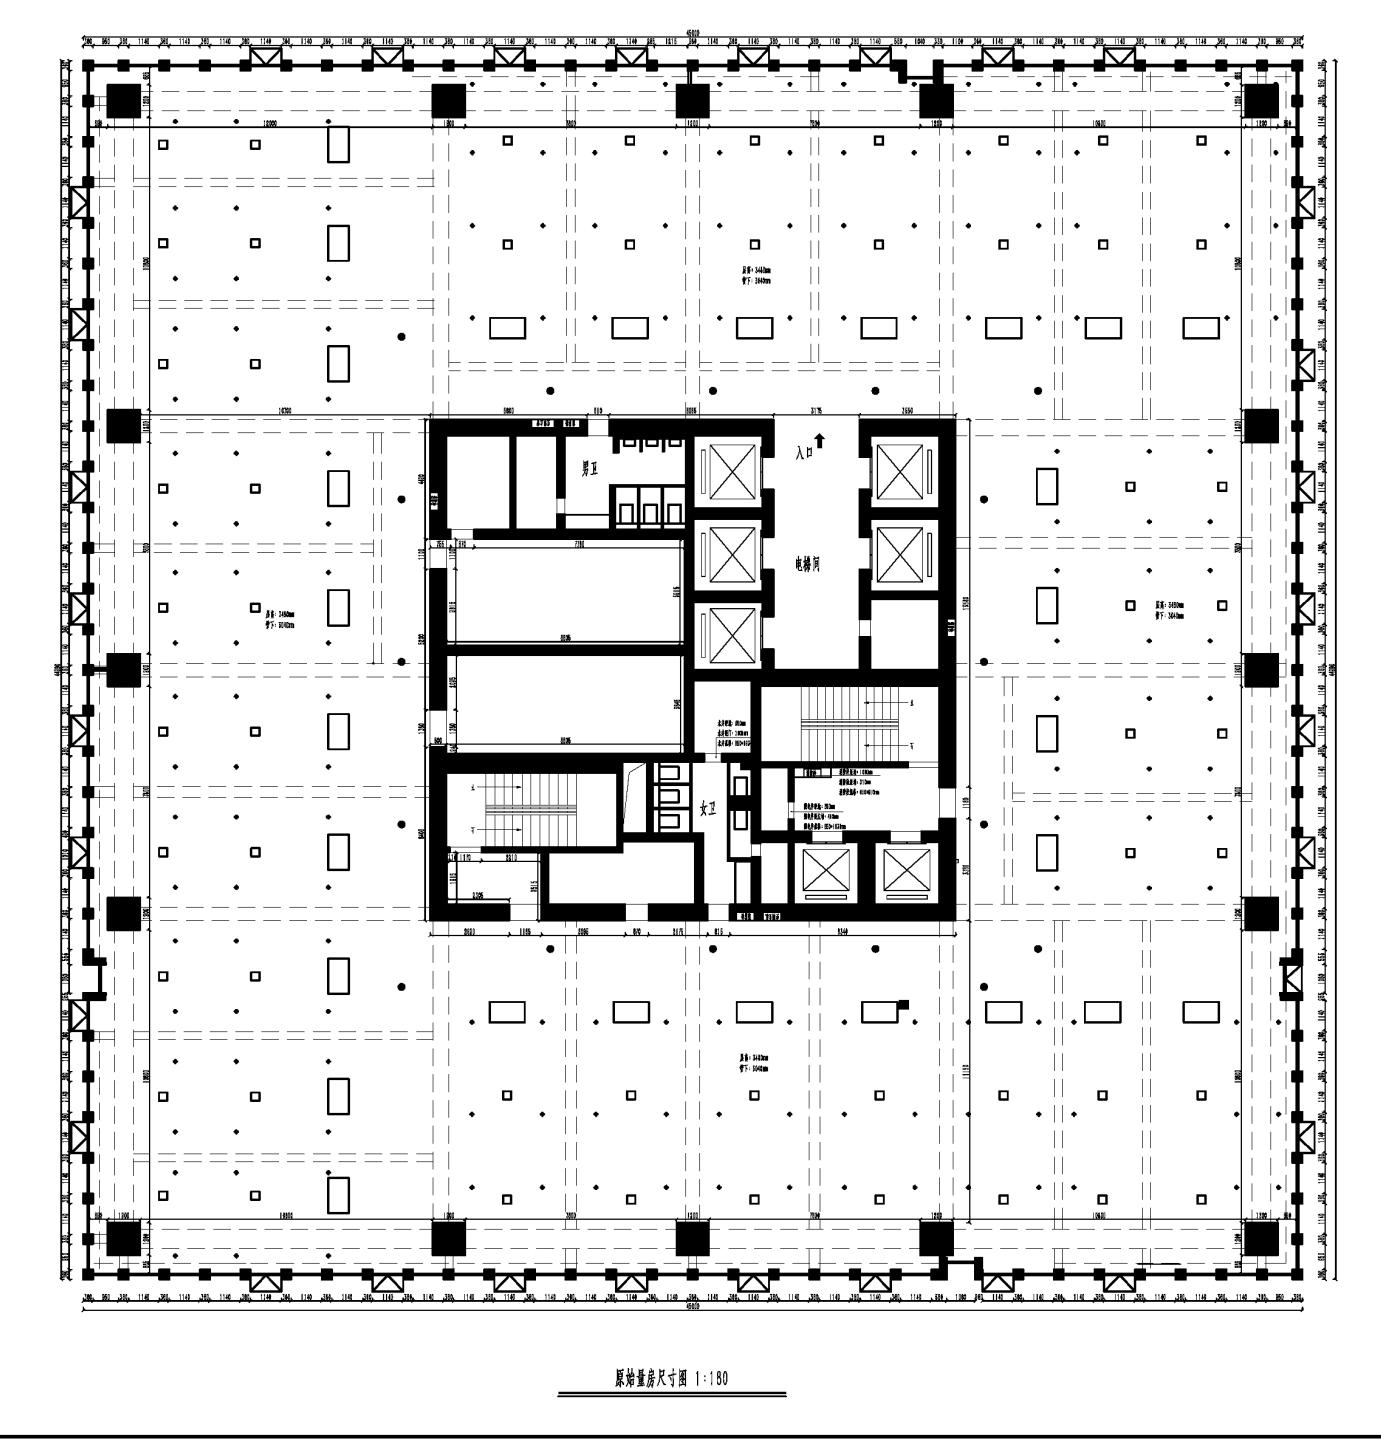 德恒律師事務所現代簡約2200平米裝修效果圖裝修設計理念